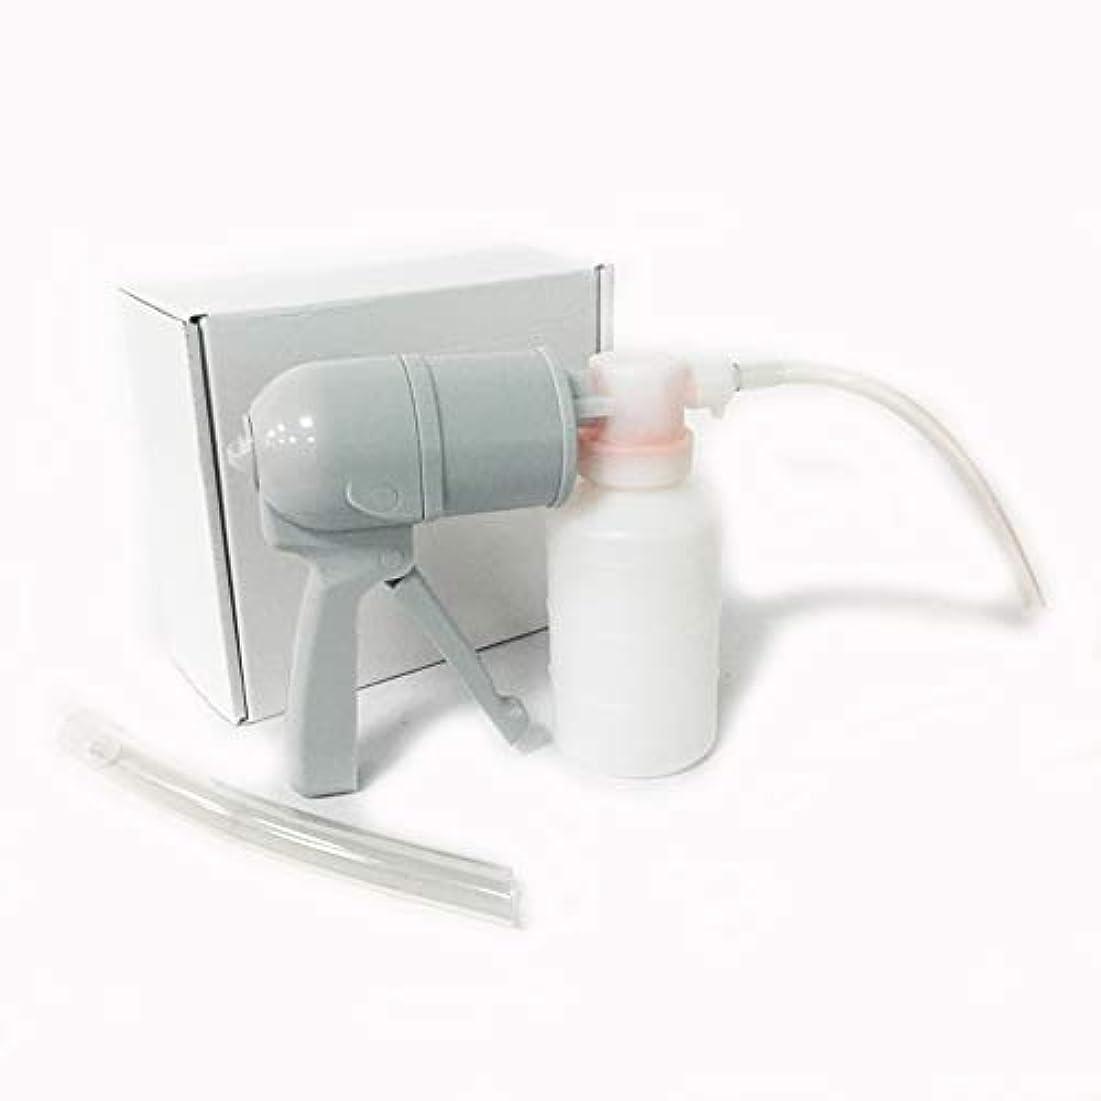 いっぱい早熟去るLekocポータブル痰吸引器 手動吸引器 膿、粘液吸引使用可能 老人用 家庭用